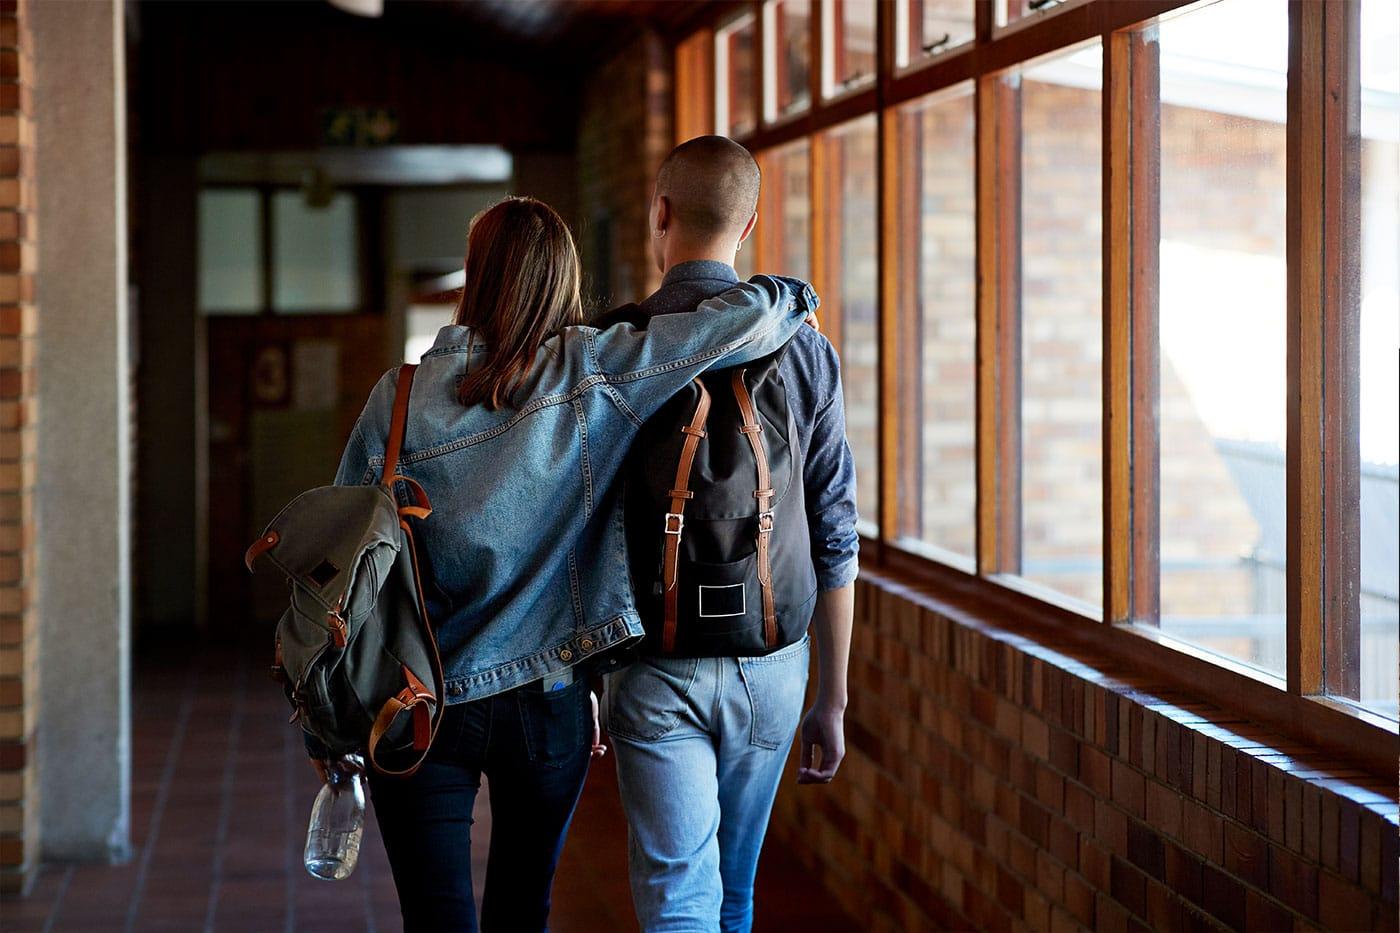 Junge Studenten laufen in einem Korridor an der Universität